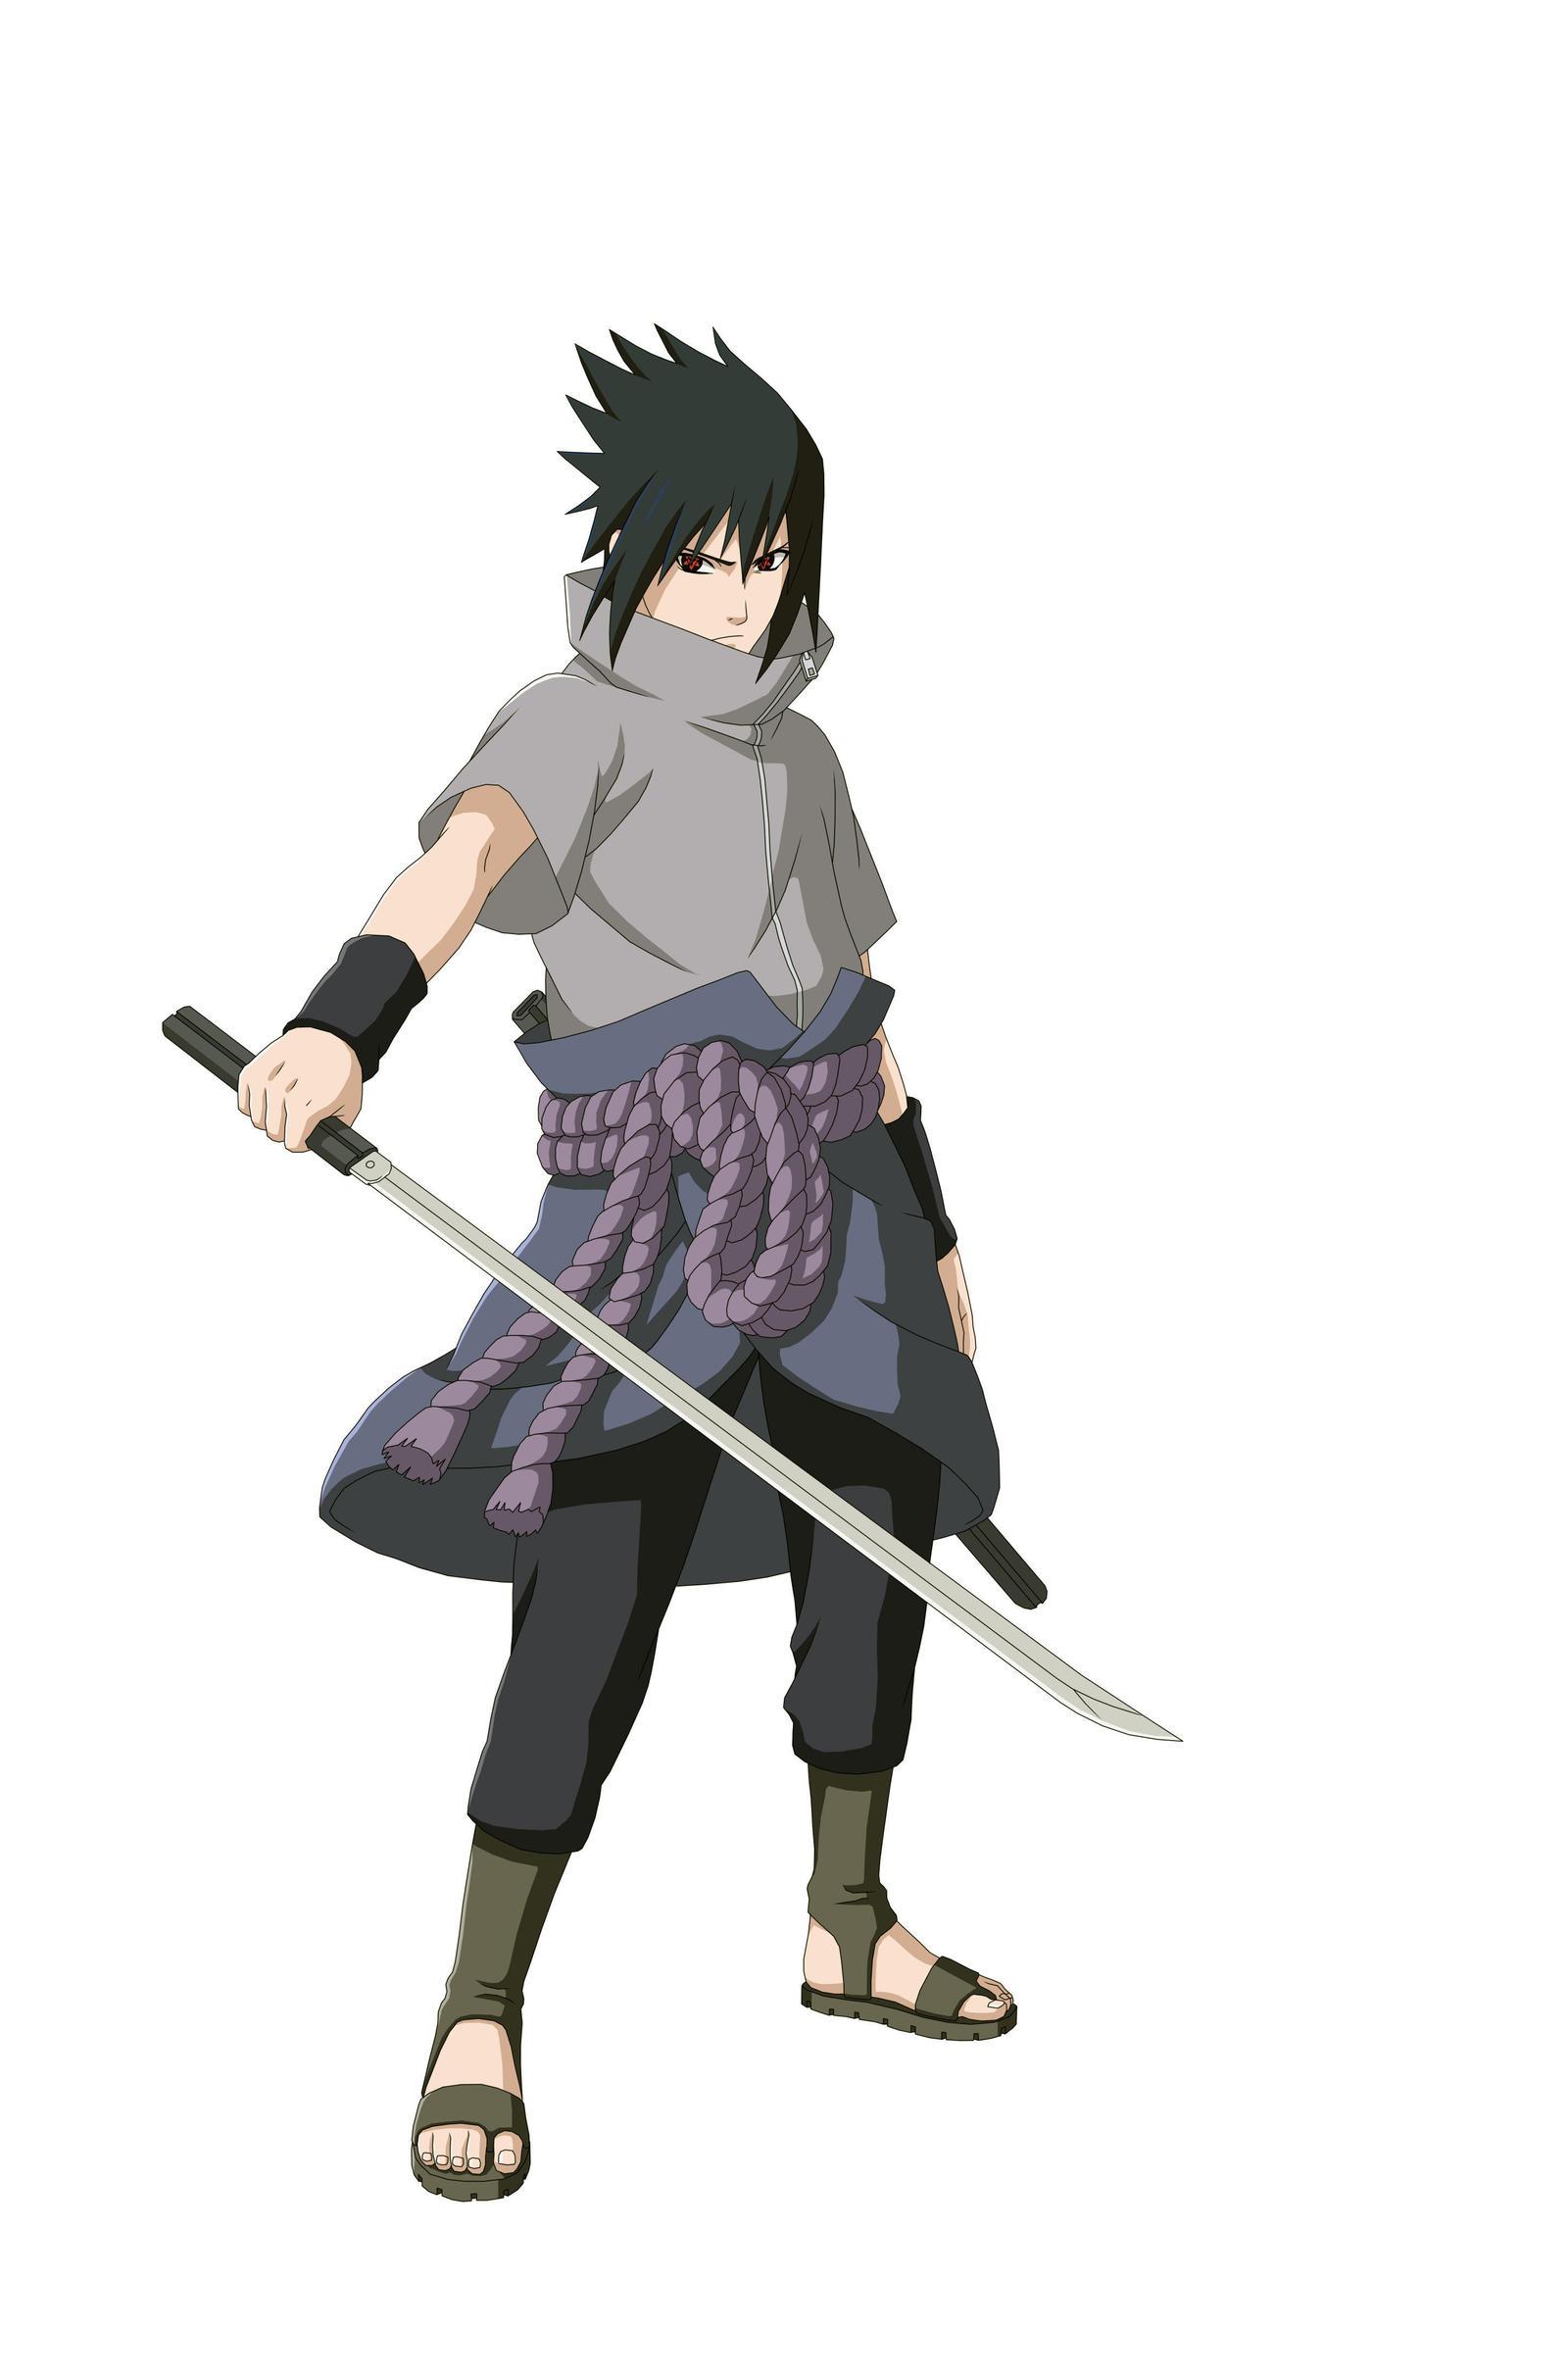 1000 images about sasuke uchiha on pinterest - Sasuke naruto ...